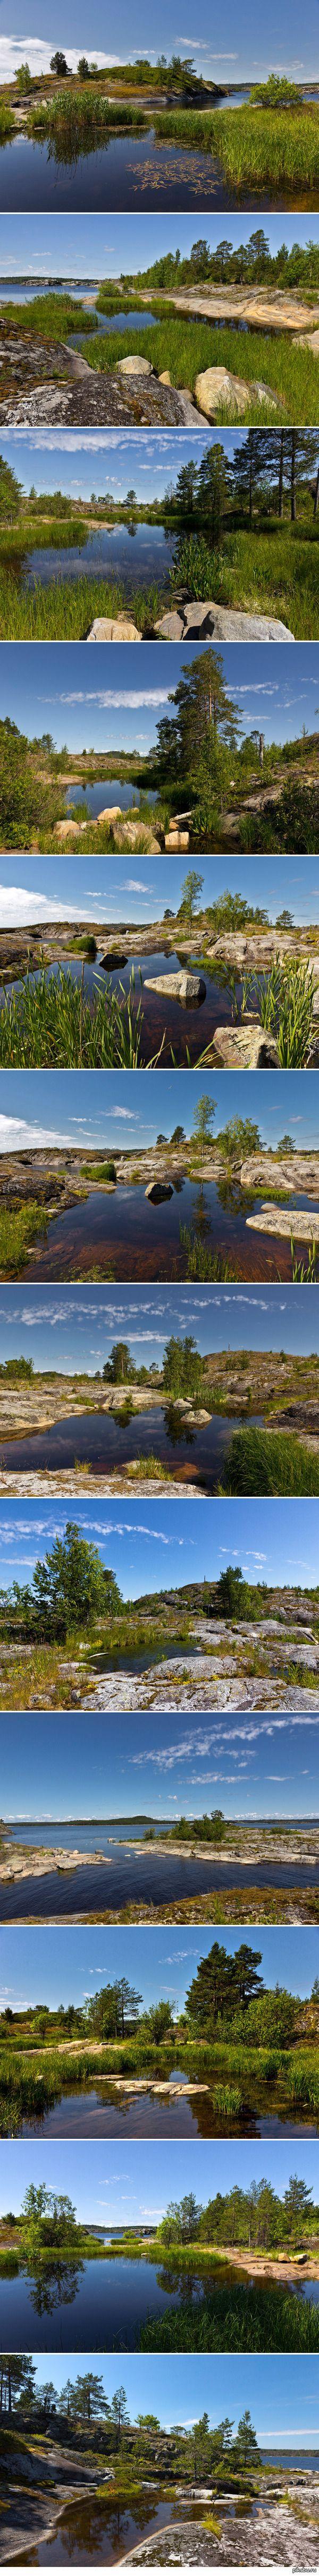 Архипелаг Лотсарет, Ладожское озеро Внутри некоторых островов вдруг обнаруживается целый мир - заводи, протоки, микроострова...